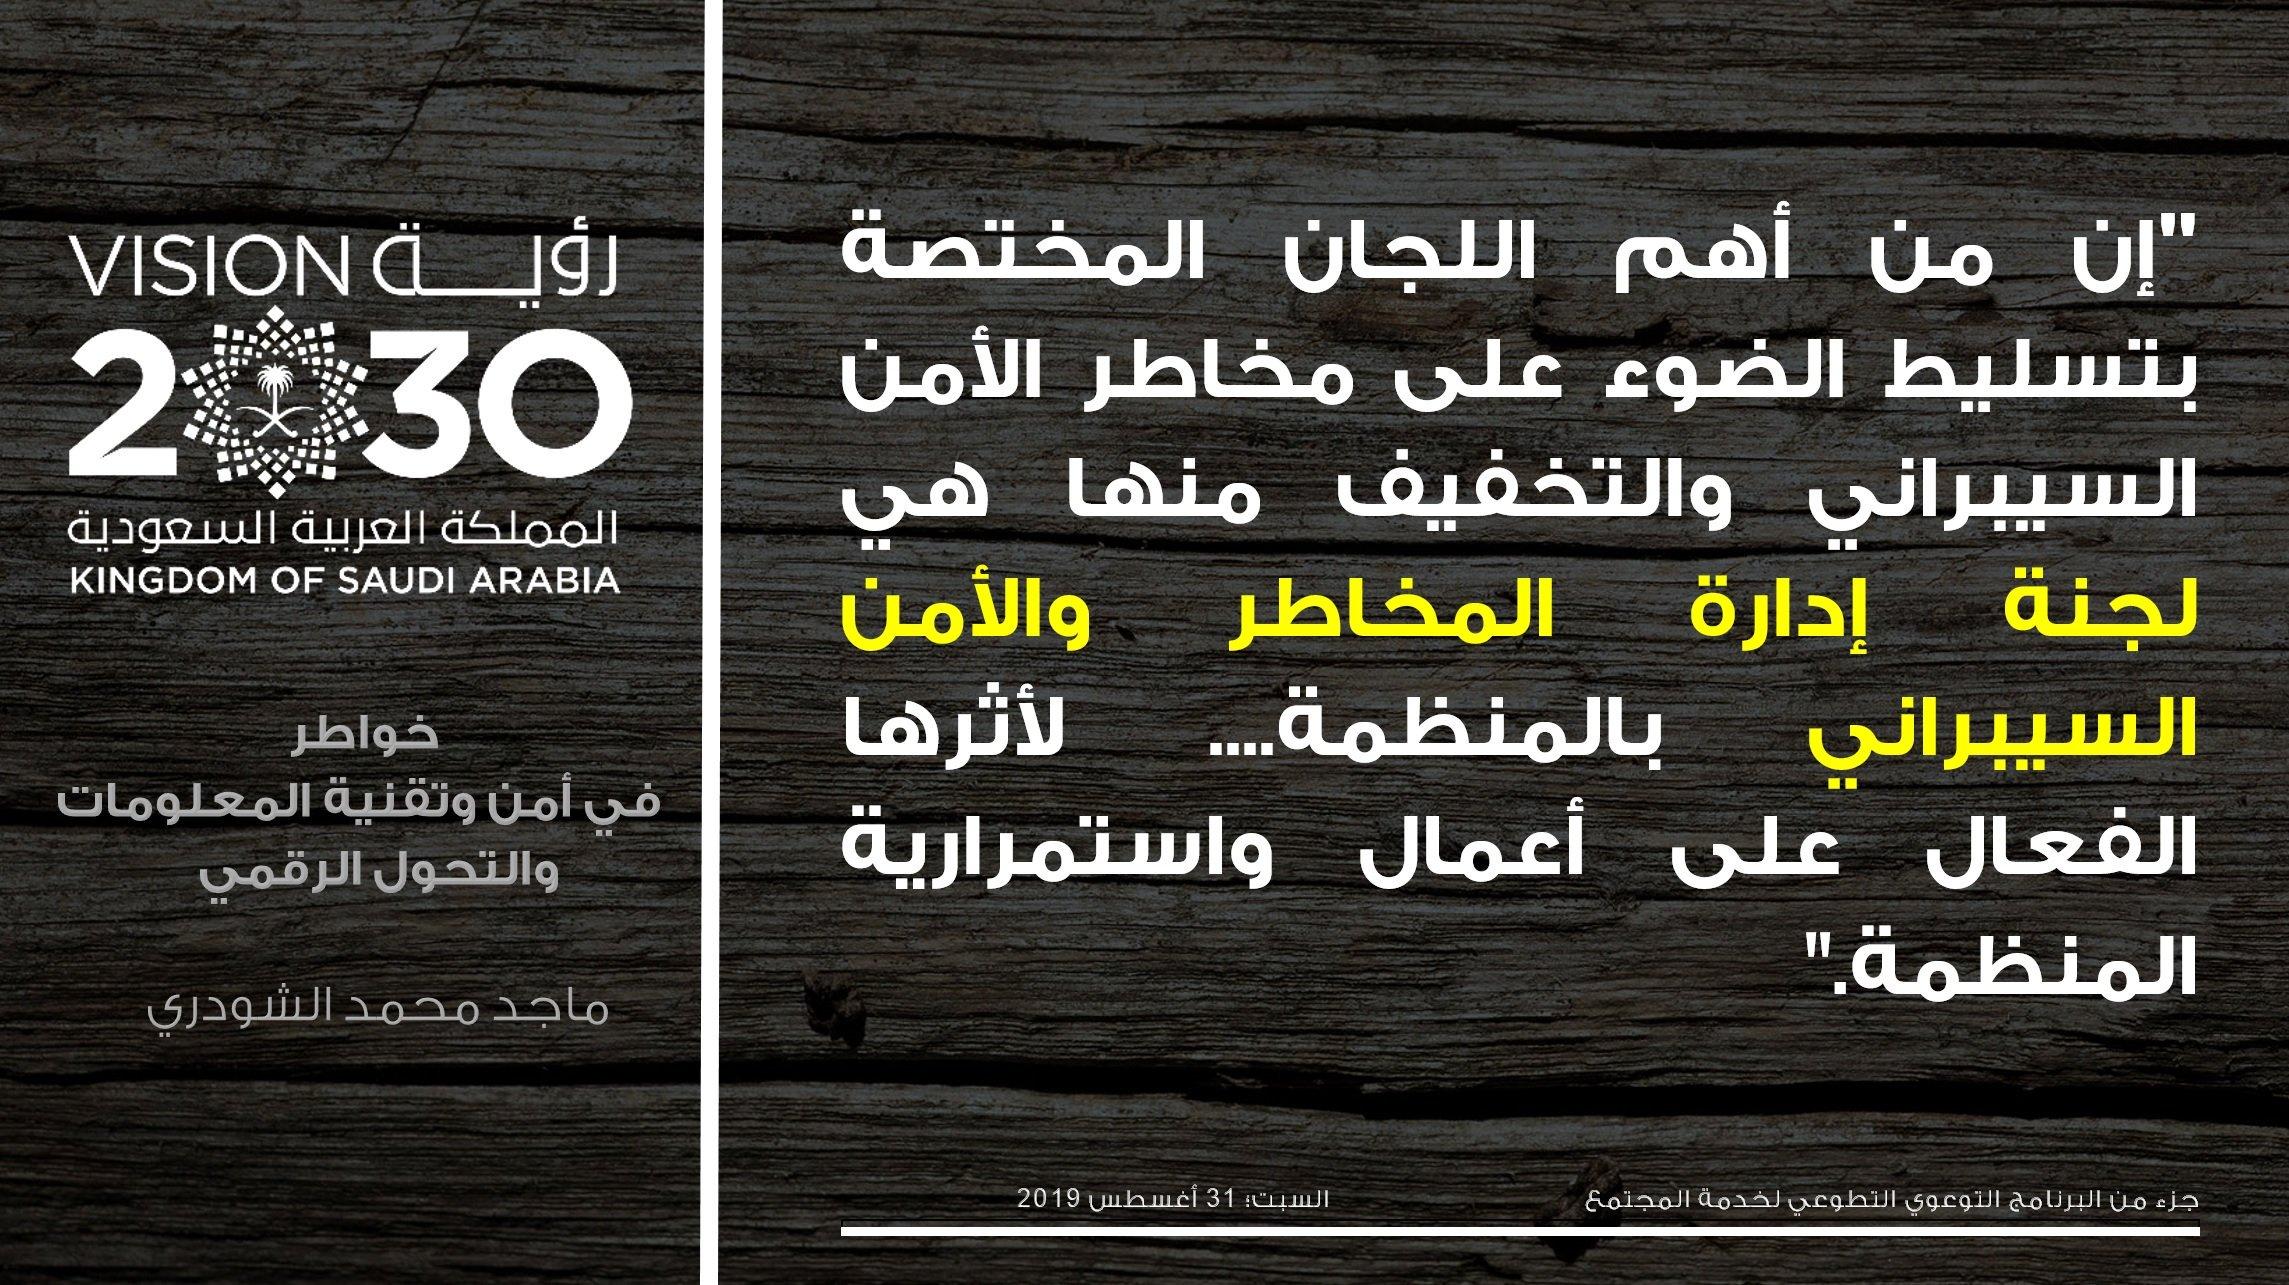 ماجد الشودري أفضل رئيس تنفيذي عربي لعام 2019